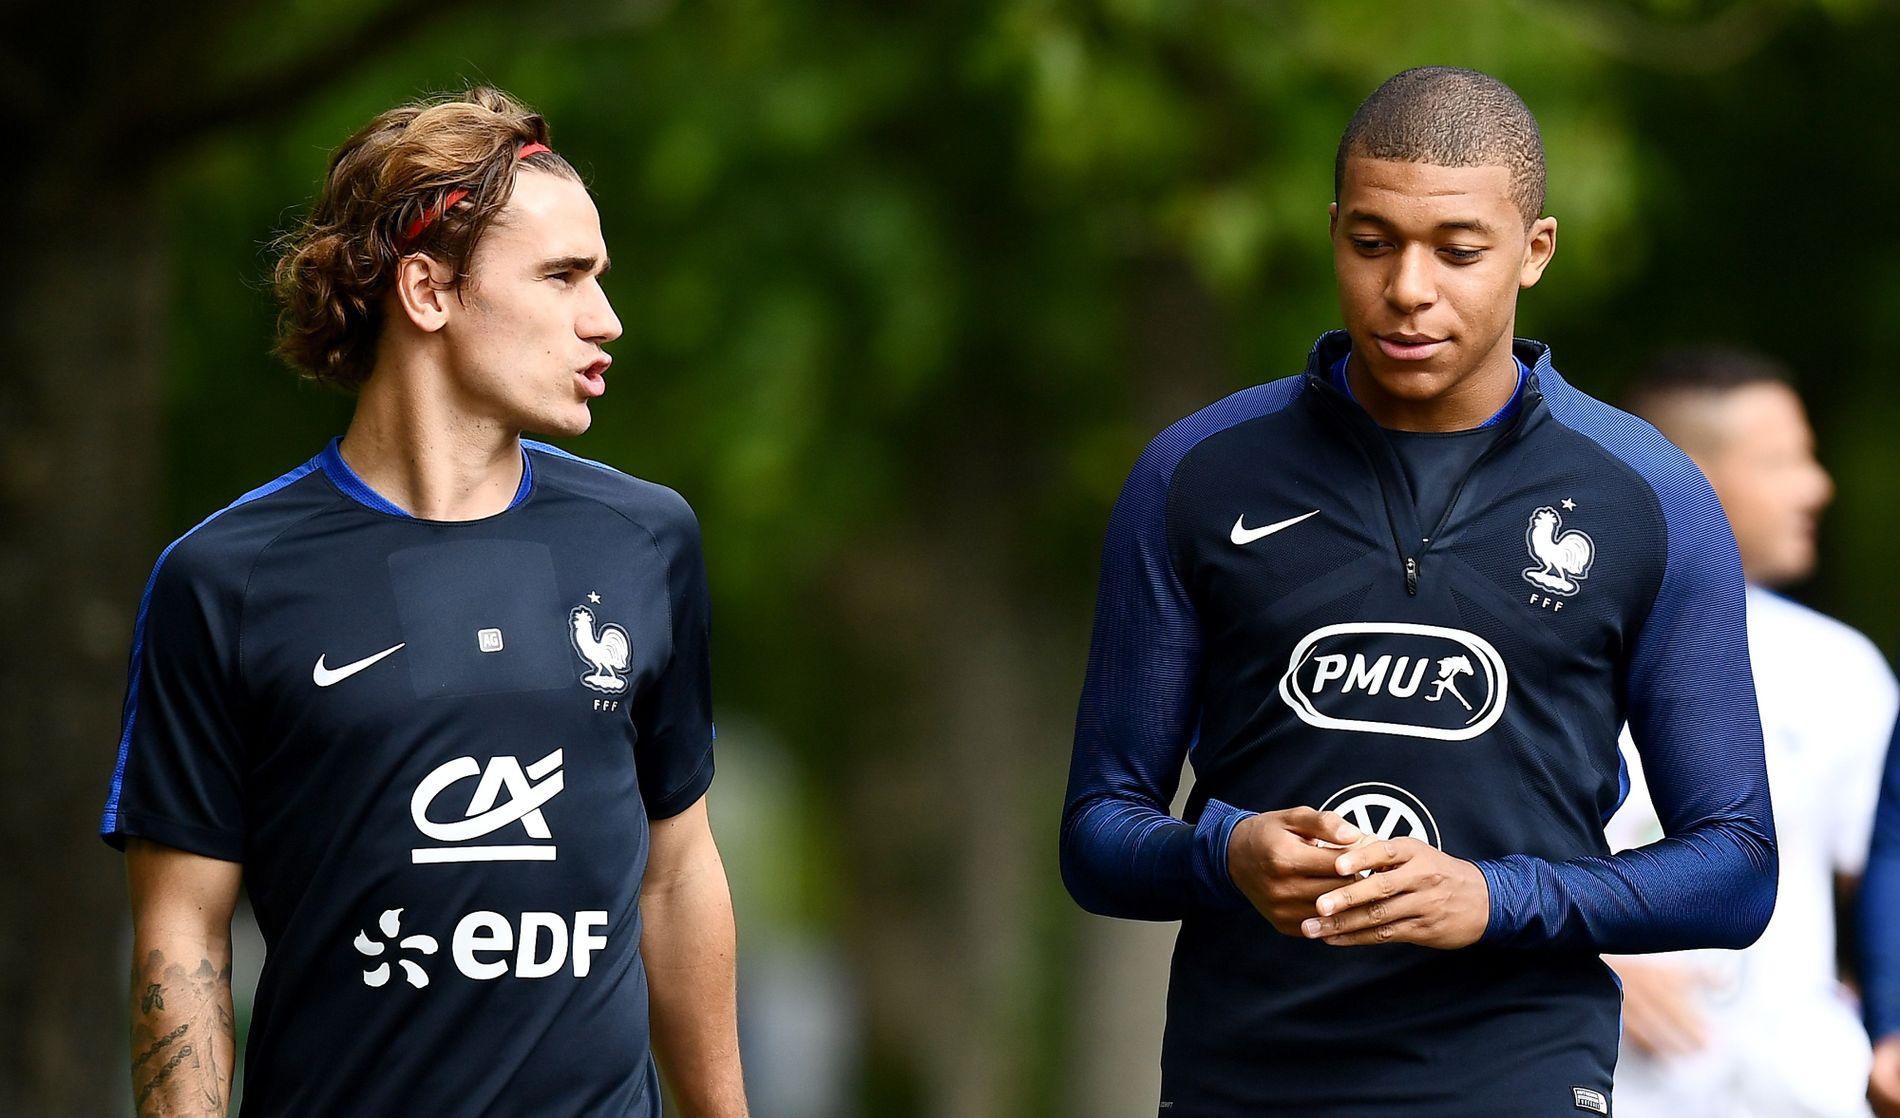 BRENNHETE: Antoine Griezmann og Kylian Mbappé, her på vei til trening med det franske landslaget denne uken, jaktes av storklubber.